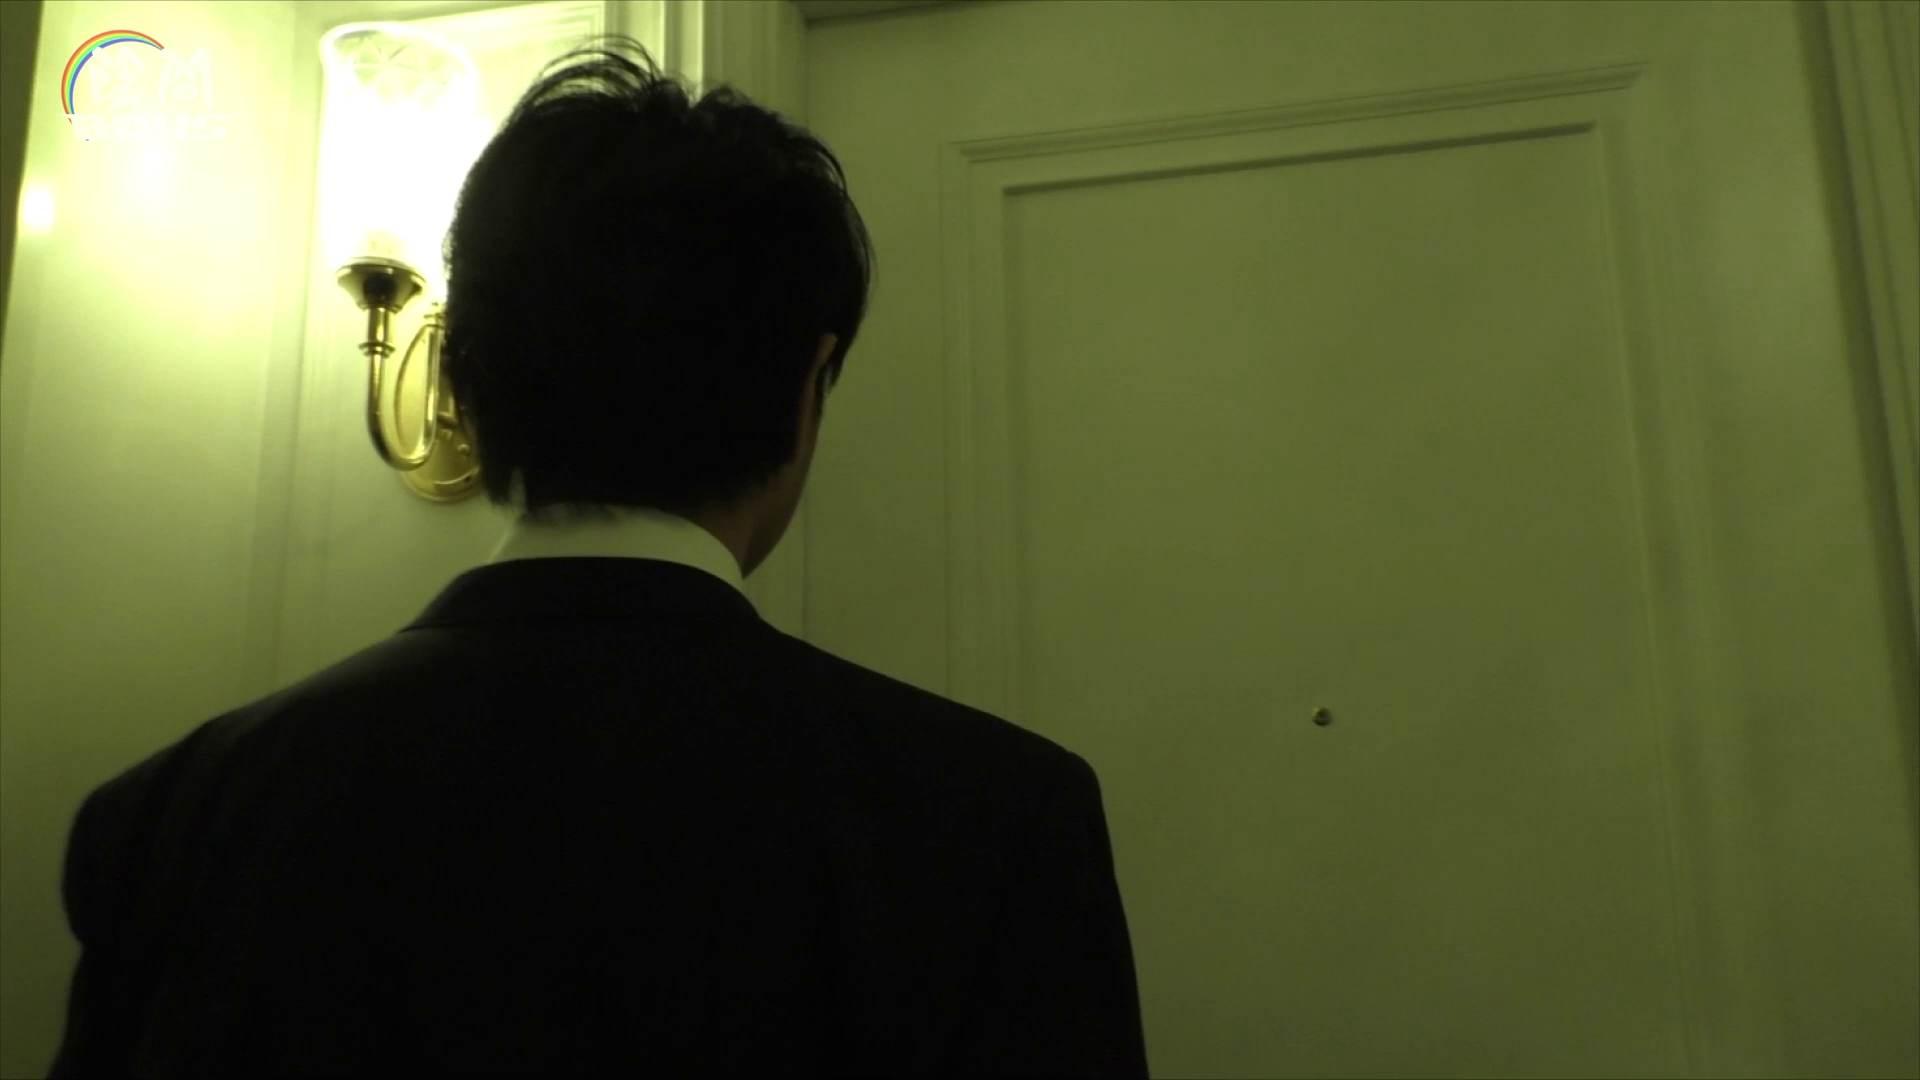 陰間BOYS~キャバクラの仕事はアナルから4 Vol.01 ザーメン ゲイエロ画像 108pic 34